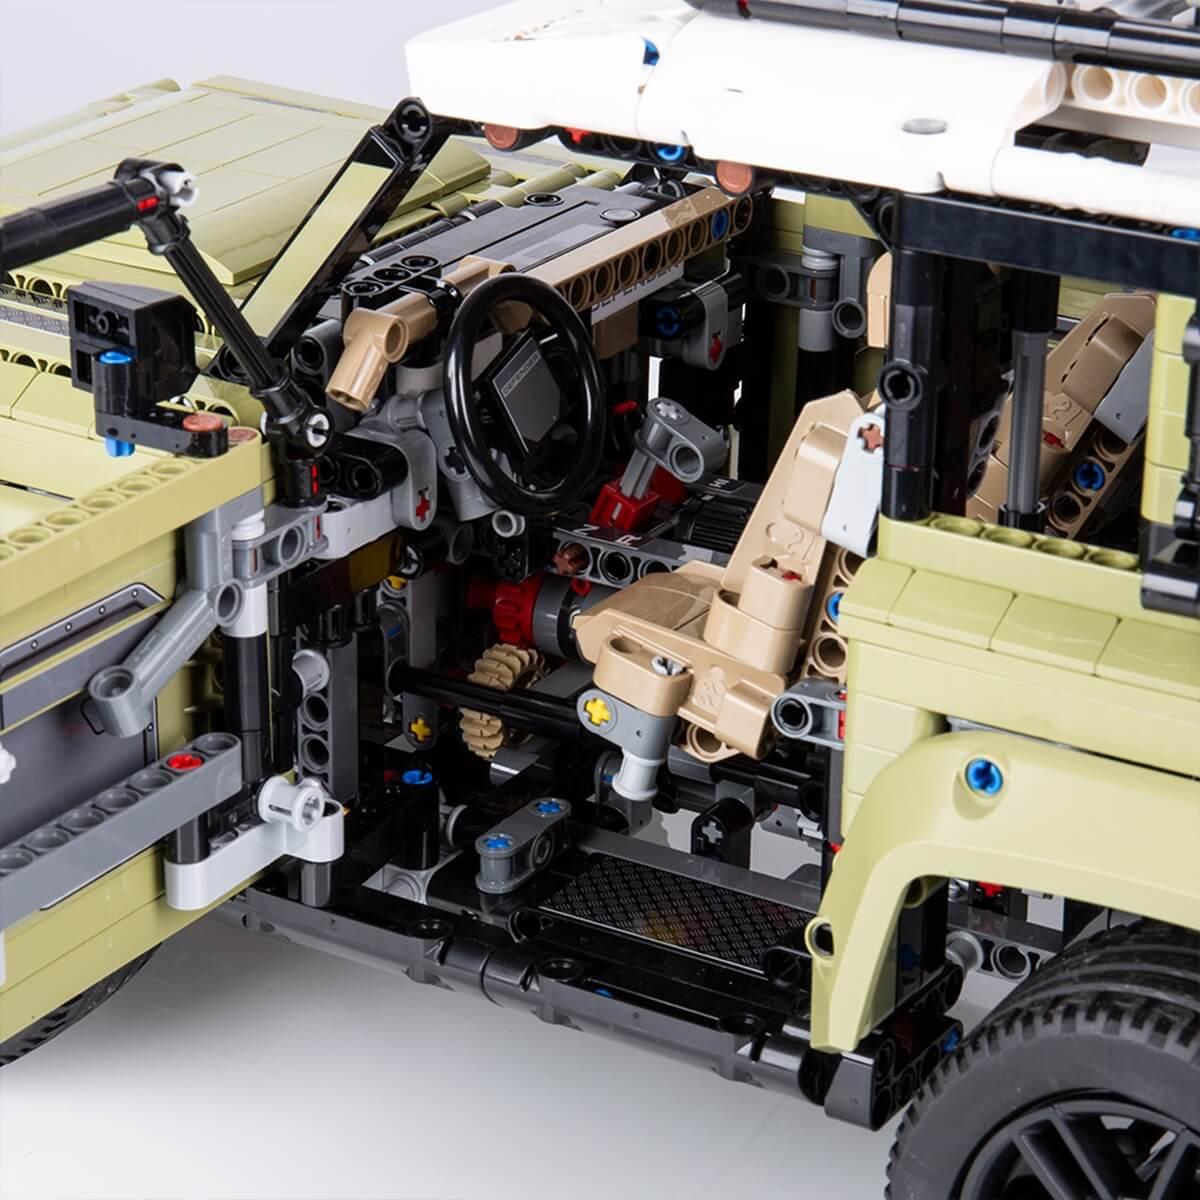 LR_DEF_20MY_LEGO_111019_Detail_3.jpg